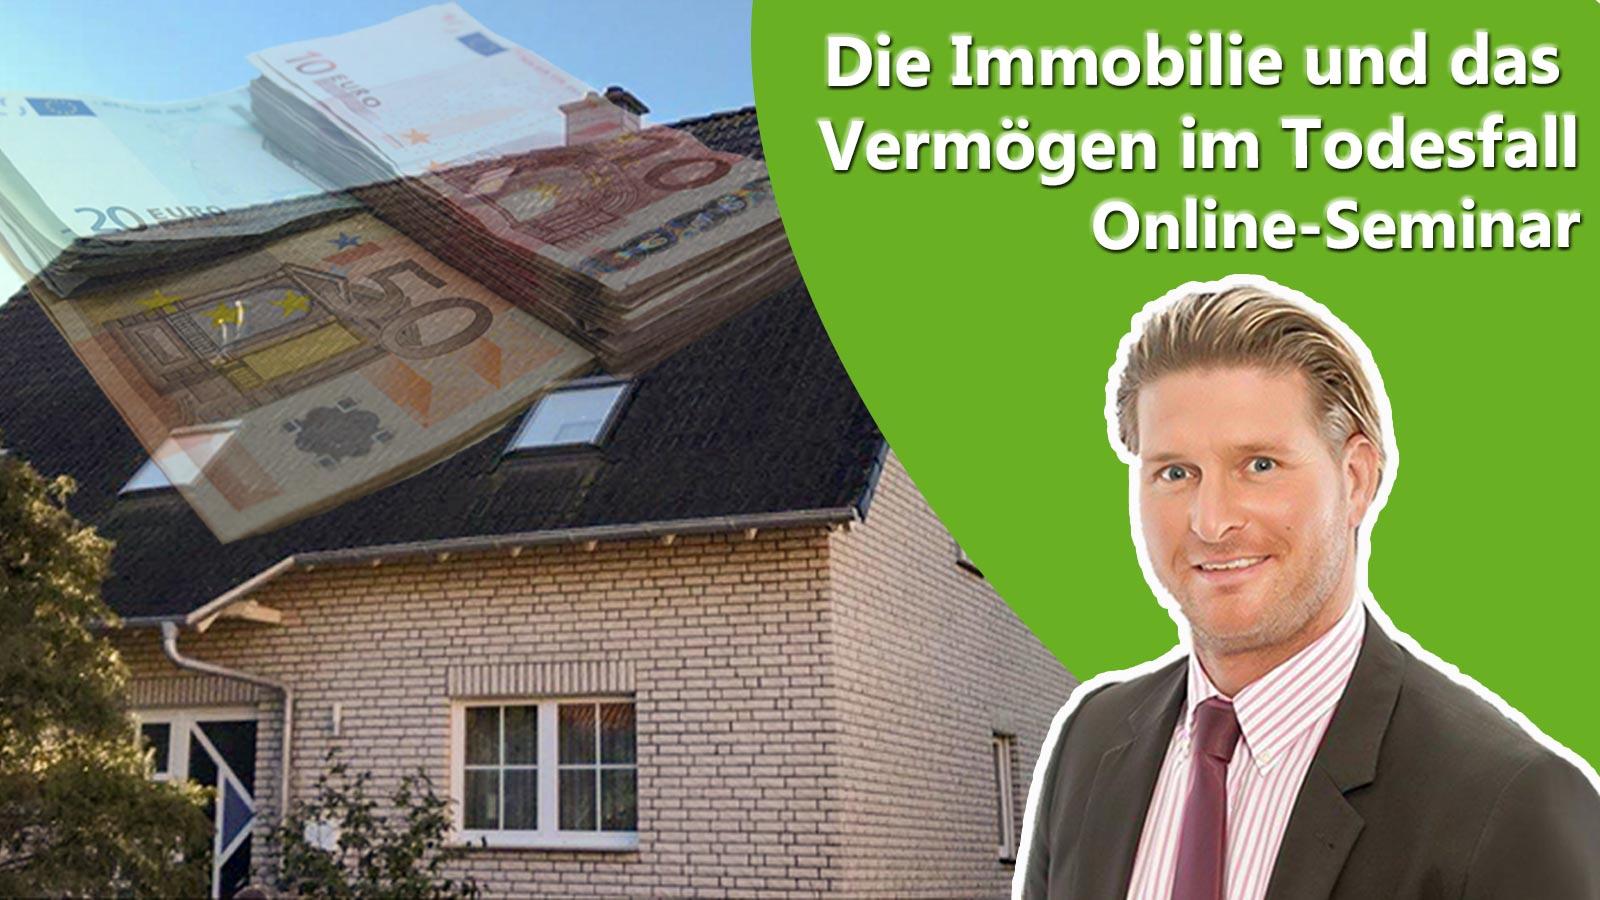 Ankündigung Online-Seminar: Die Immobilie und das Vermögen im Todesfall mit Referent und Fotocollage Haus und Geldbündelstapel